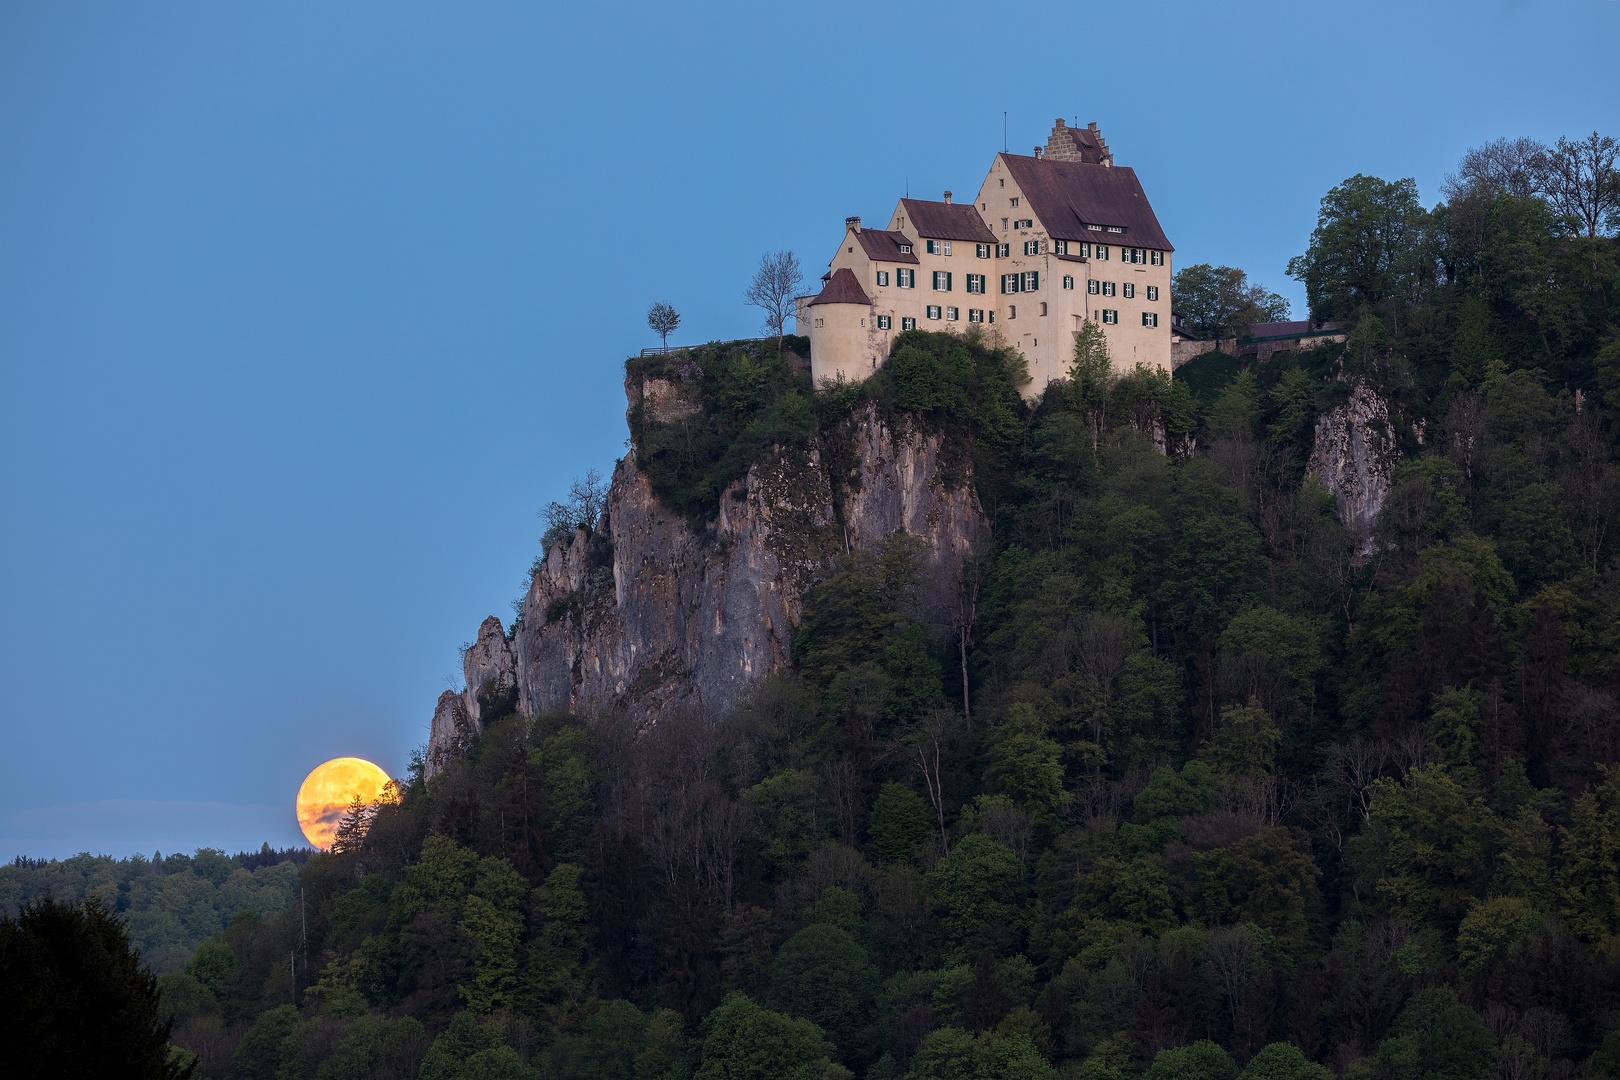 Vollmonduntergang an der Burg Werenwag